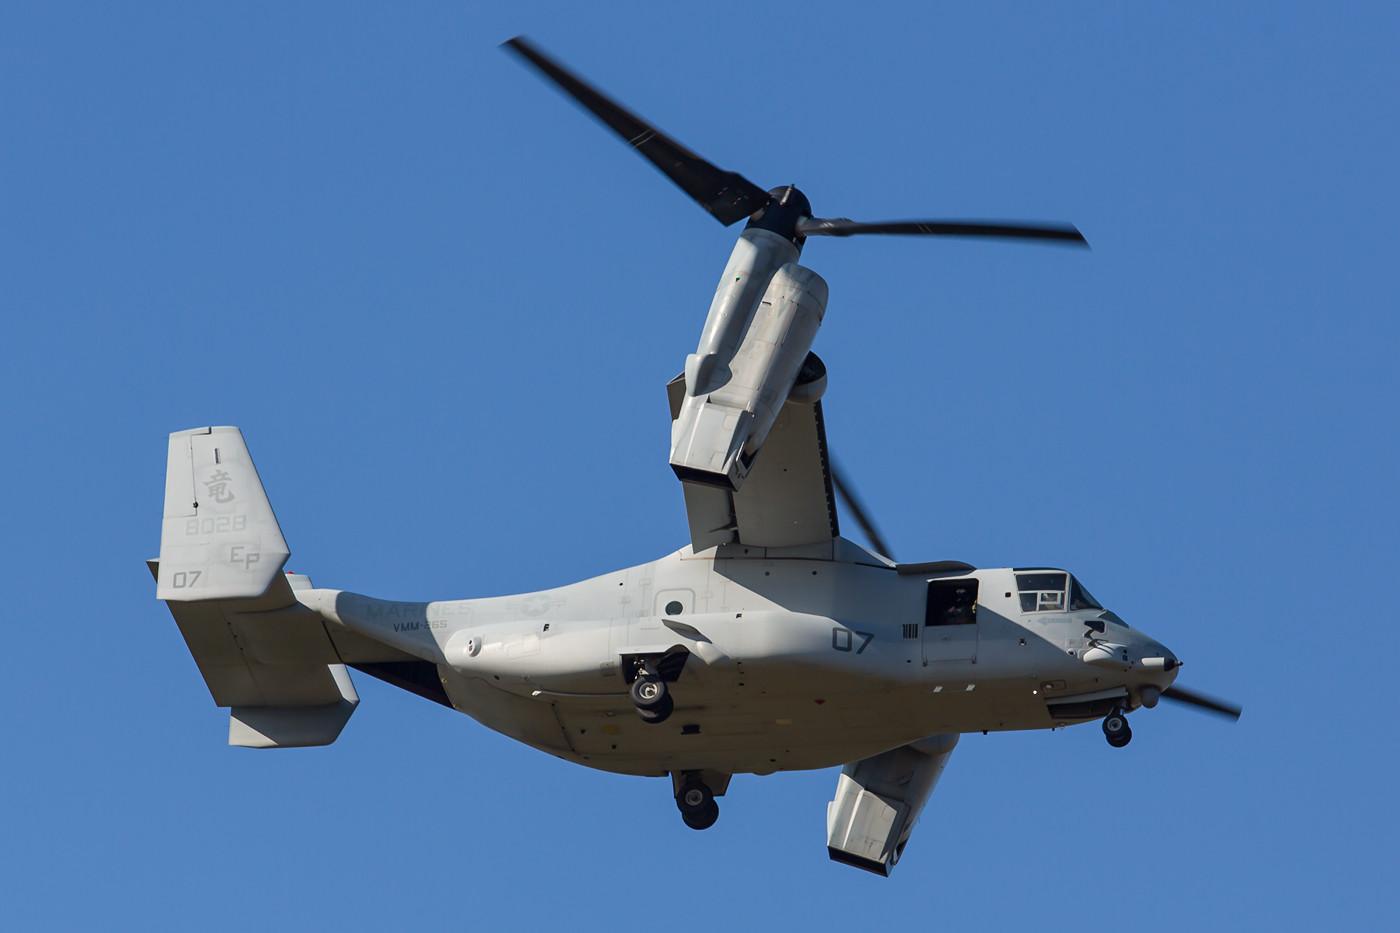 Aus MCAS Futenma auf Okinawa waren drei MV-22 Ospreys vor Ort.